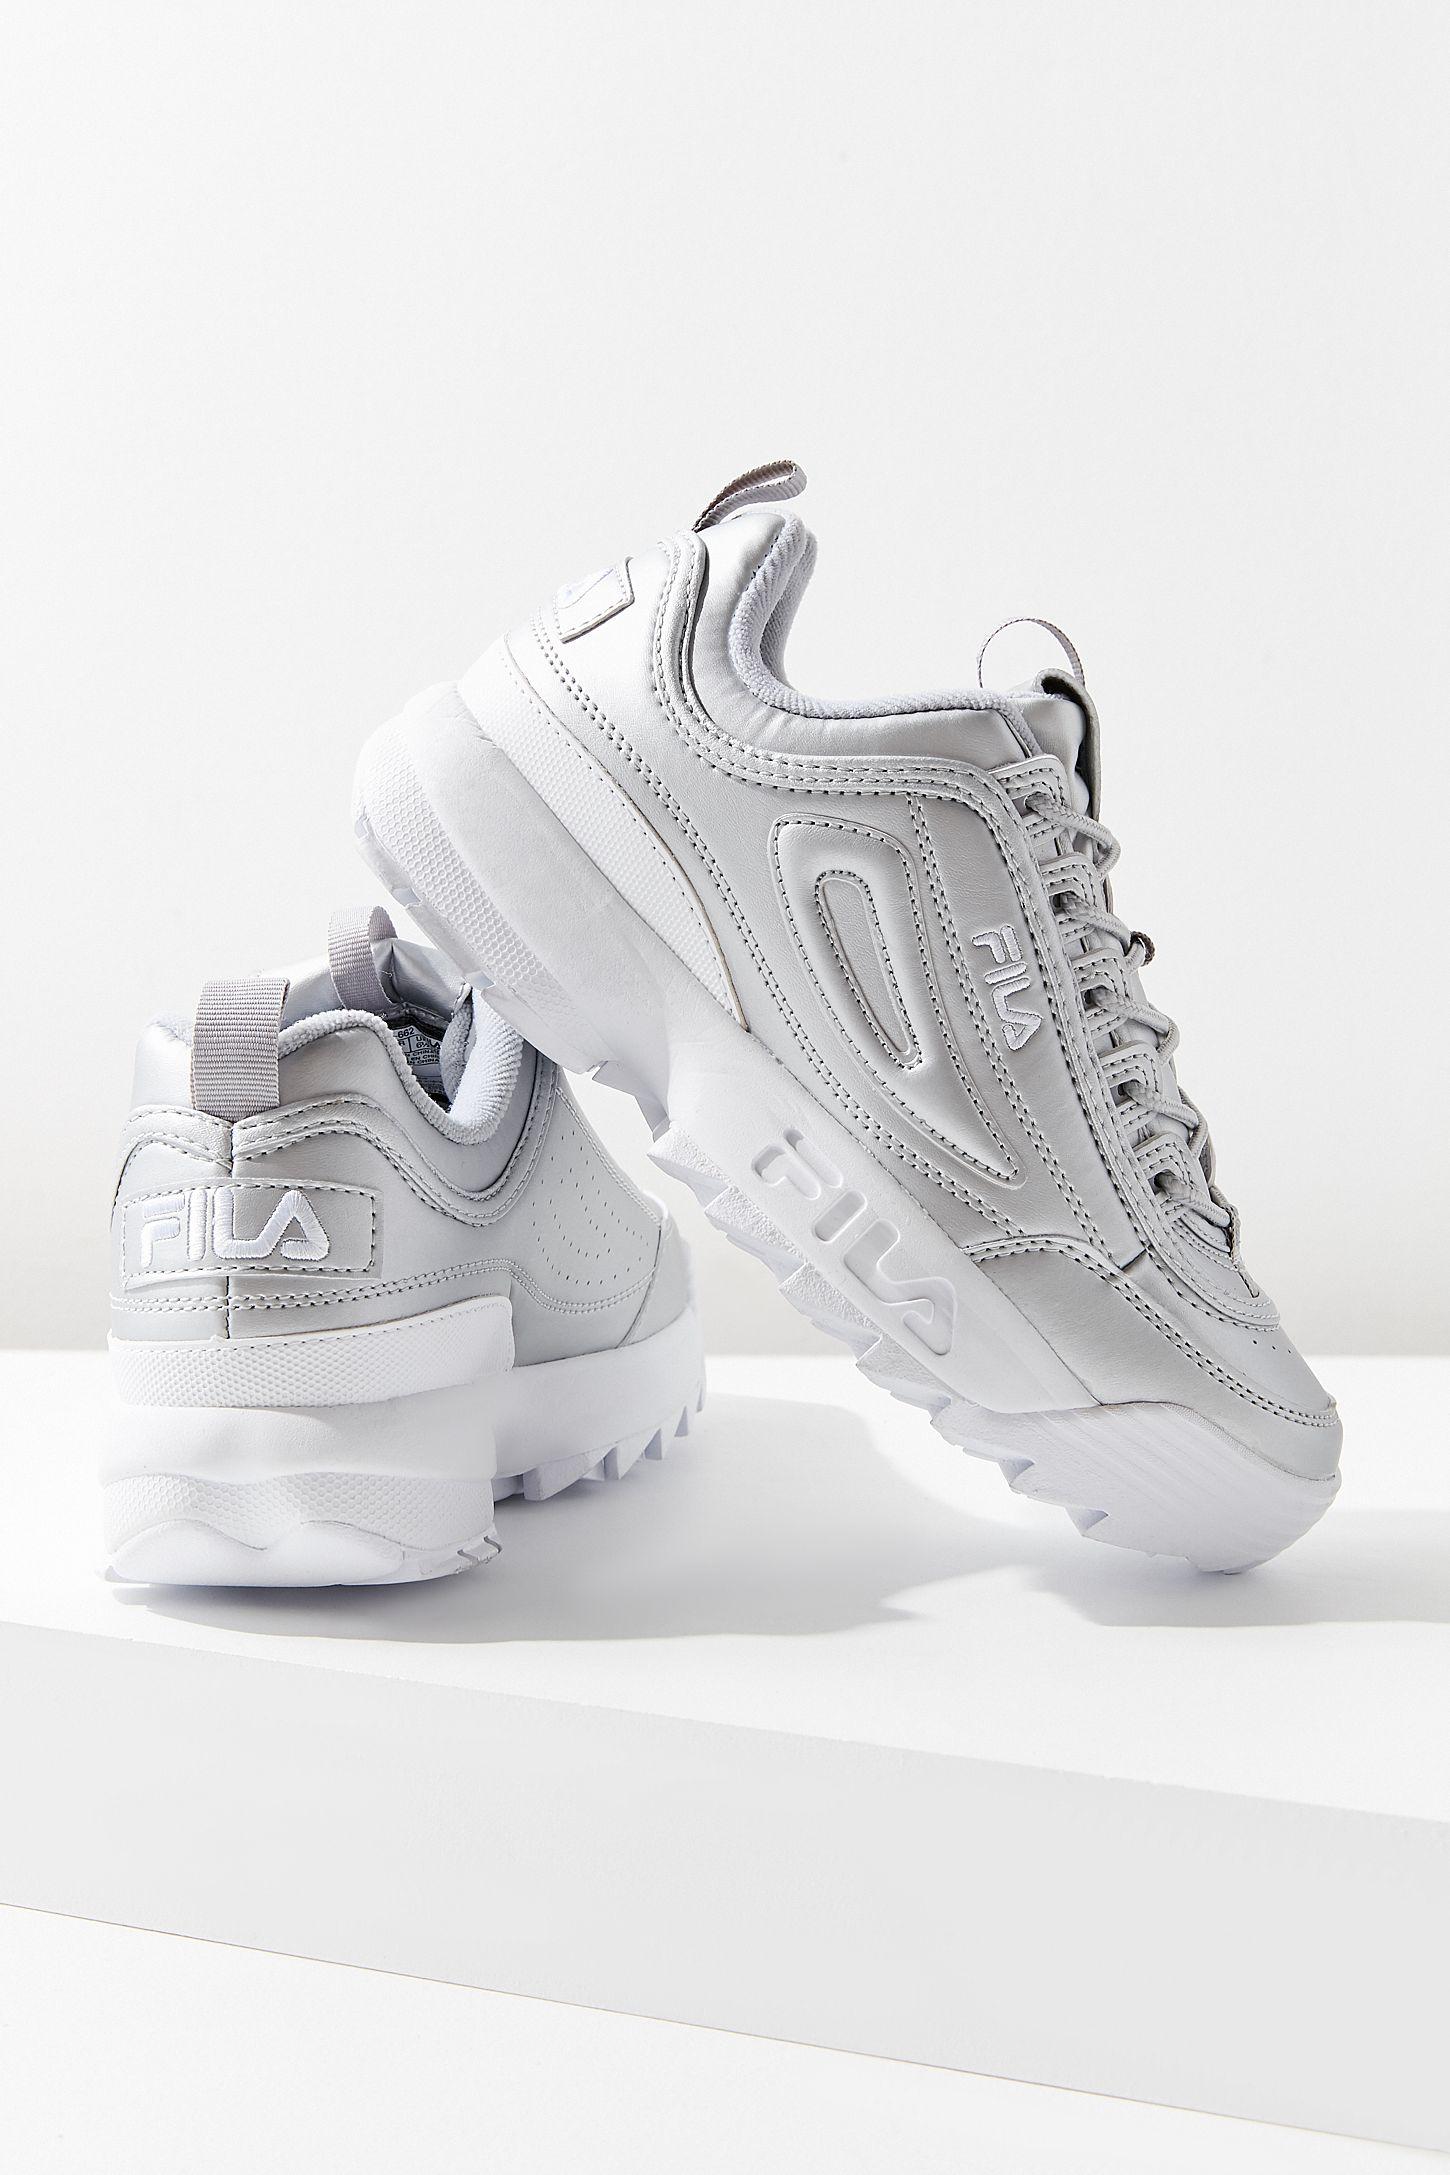 204ced9911570 FILA Disruptor II Metallic Sneaker